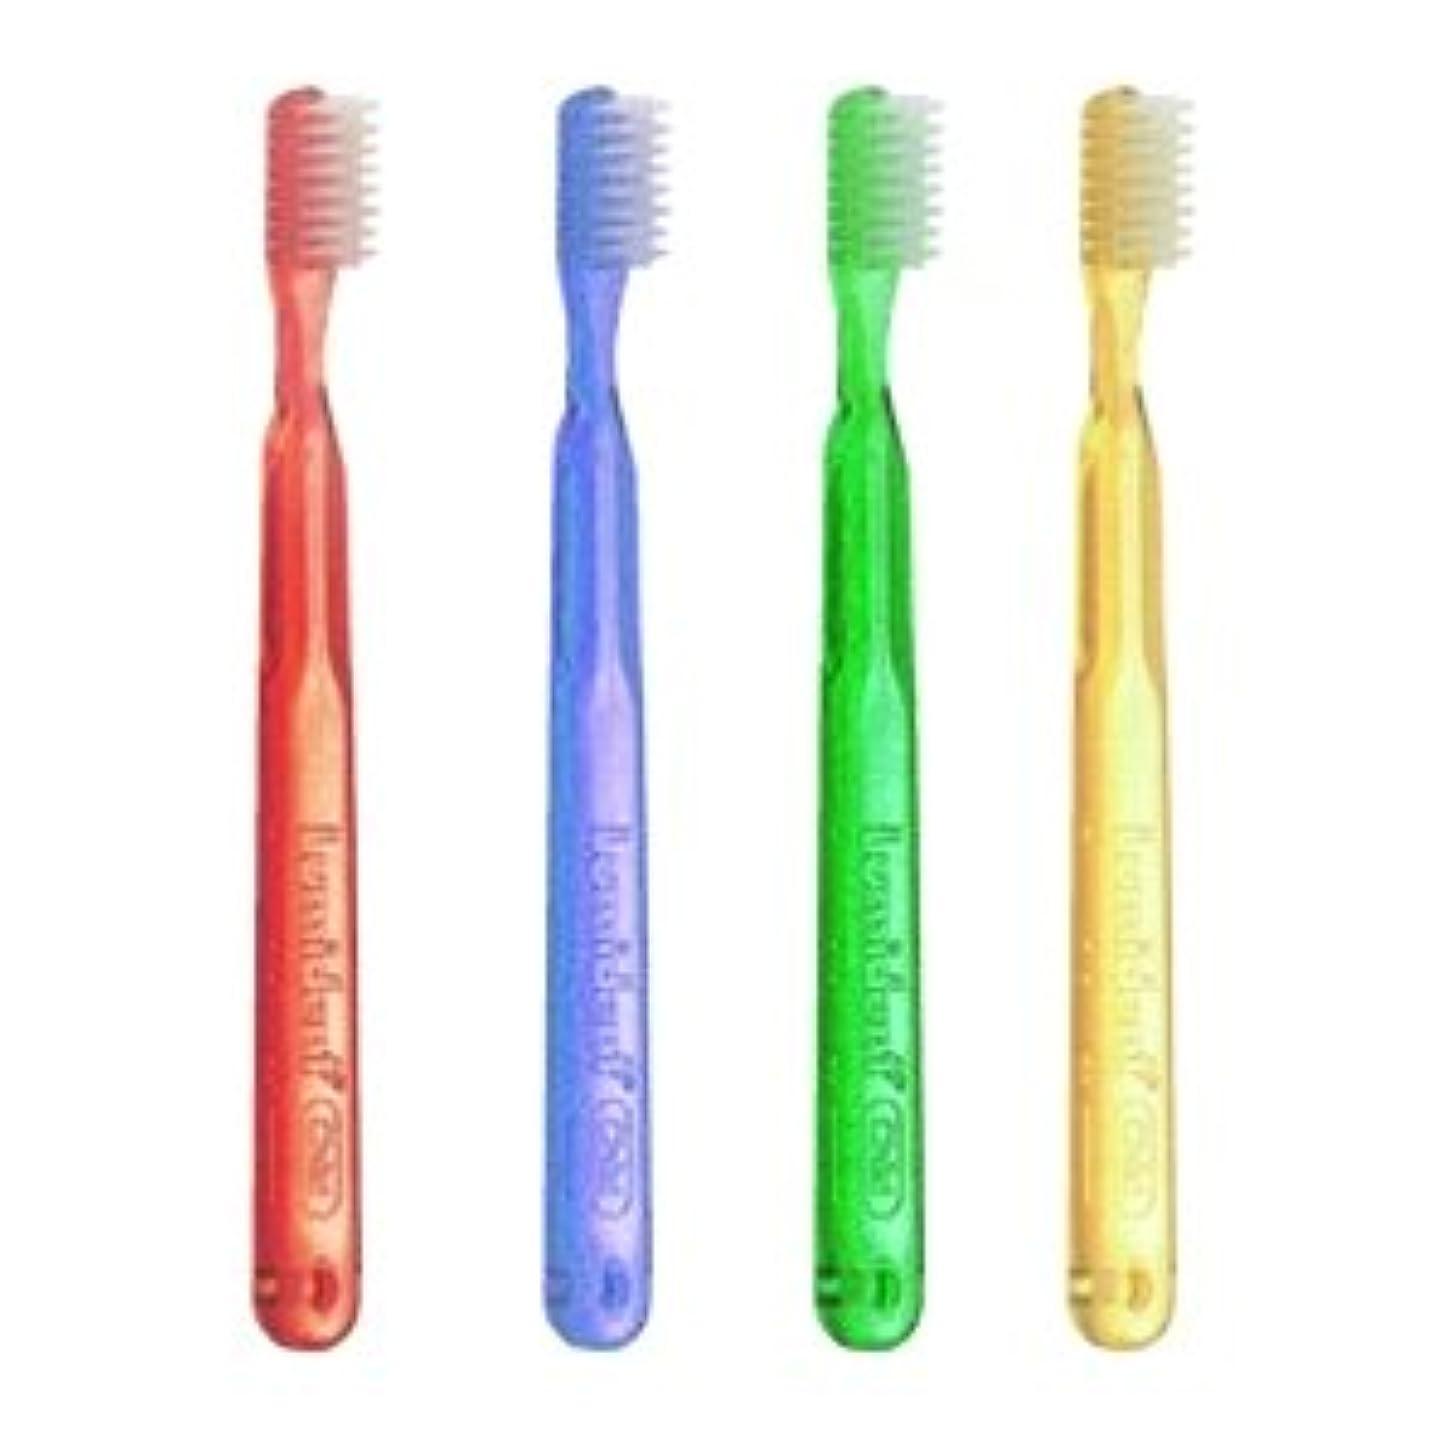 インシュレータ位置づける膨らませるヘレウス ルミデント 歯ブラシ チャイルド 1本